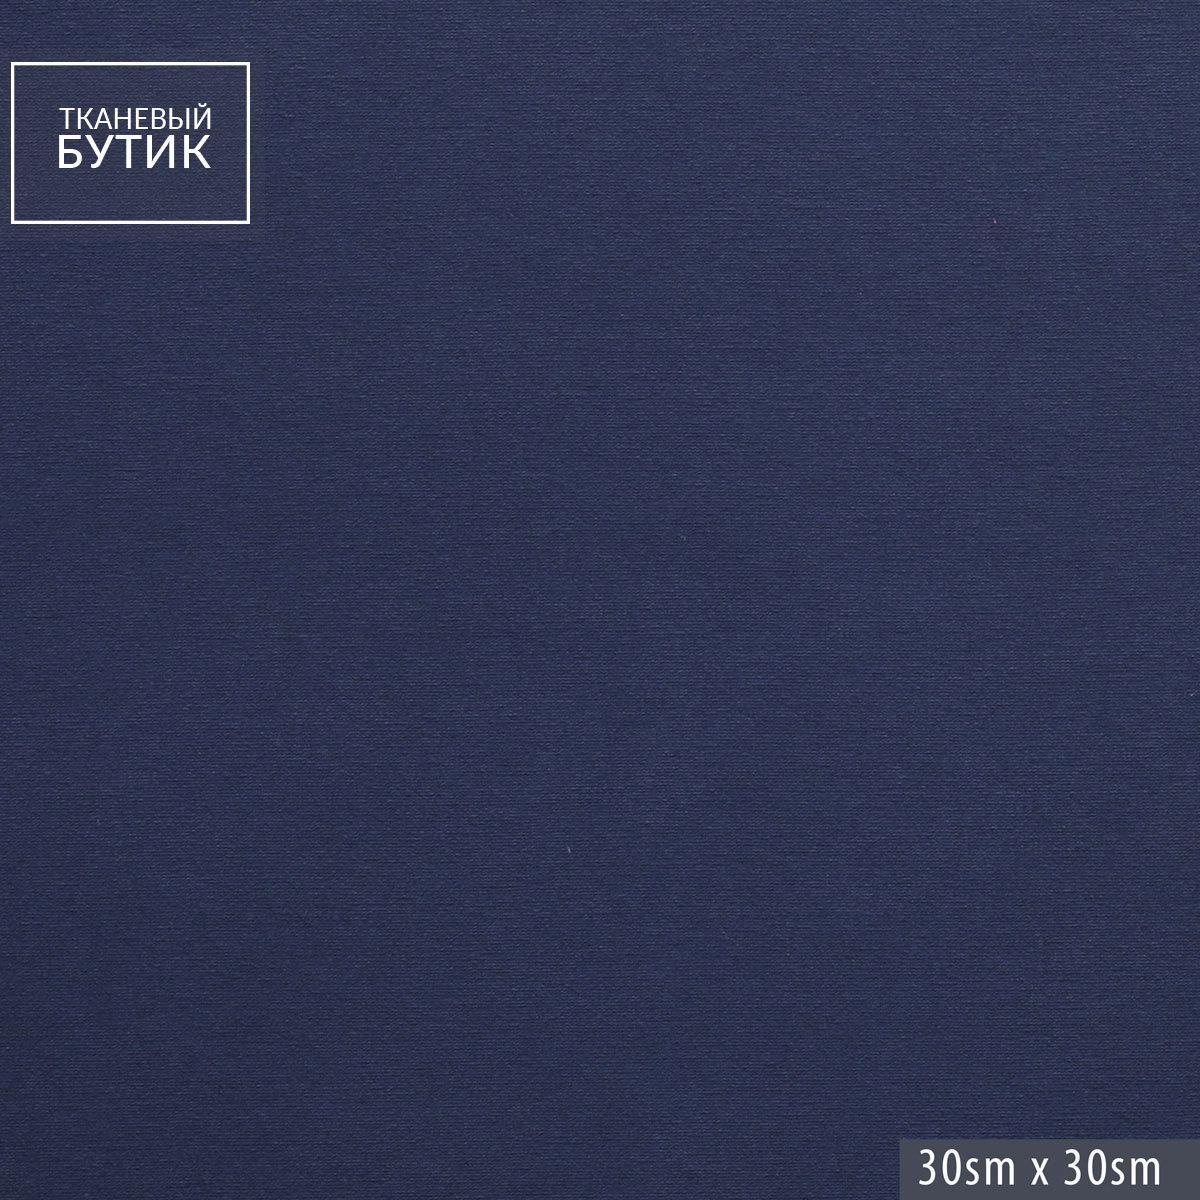 Вискозное стретч-джерси с нейлоном синего цвета